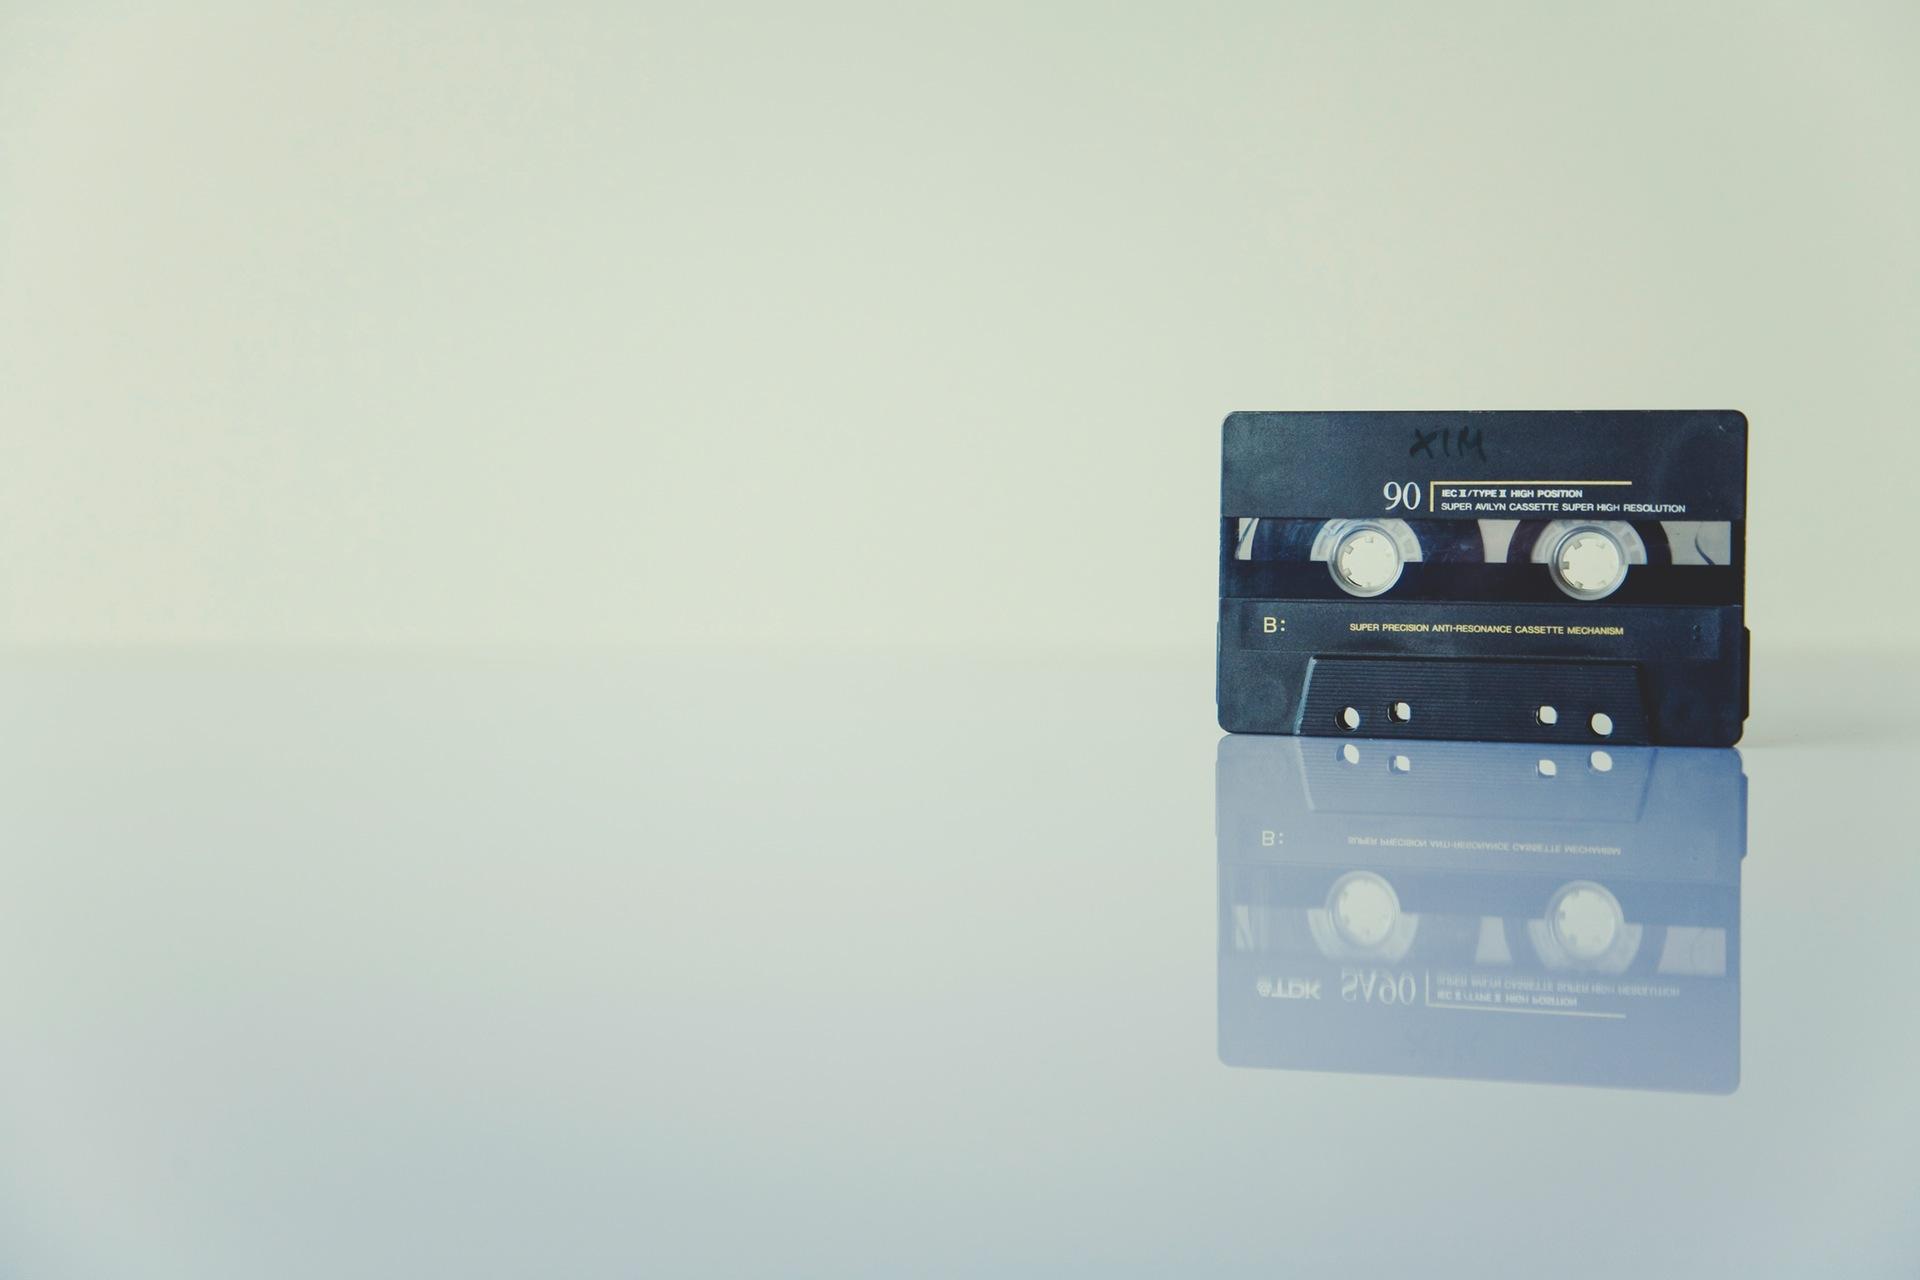 fita, cassete, vintage, retrô, minimalista - Papéis de parede HD - Professor-falken.com